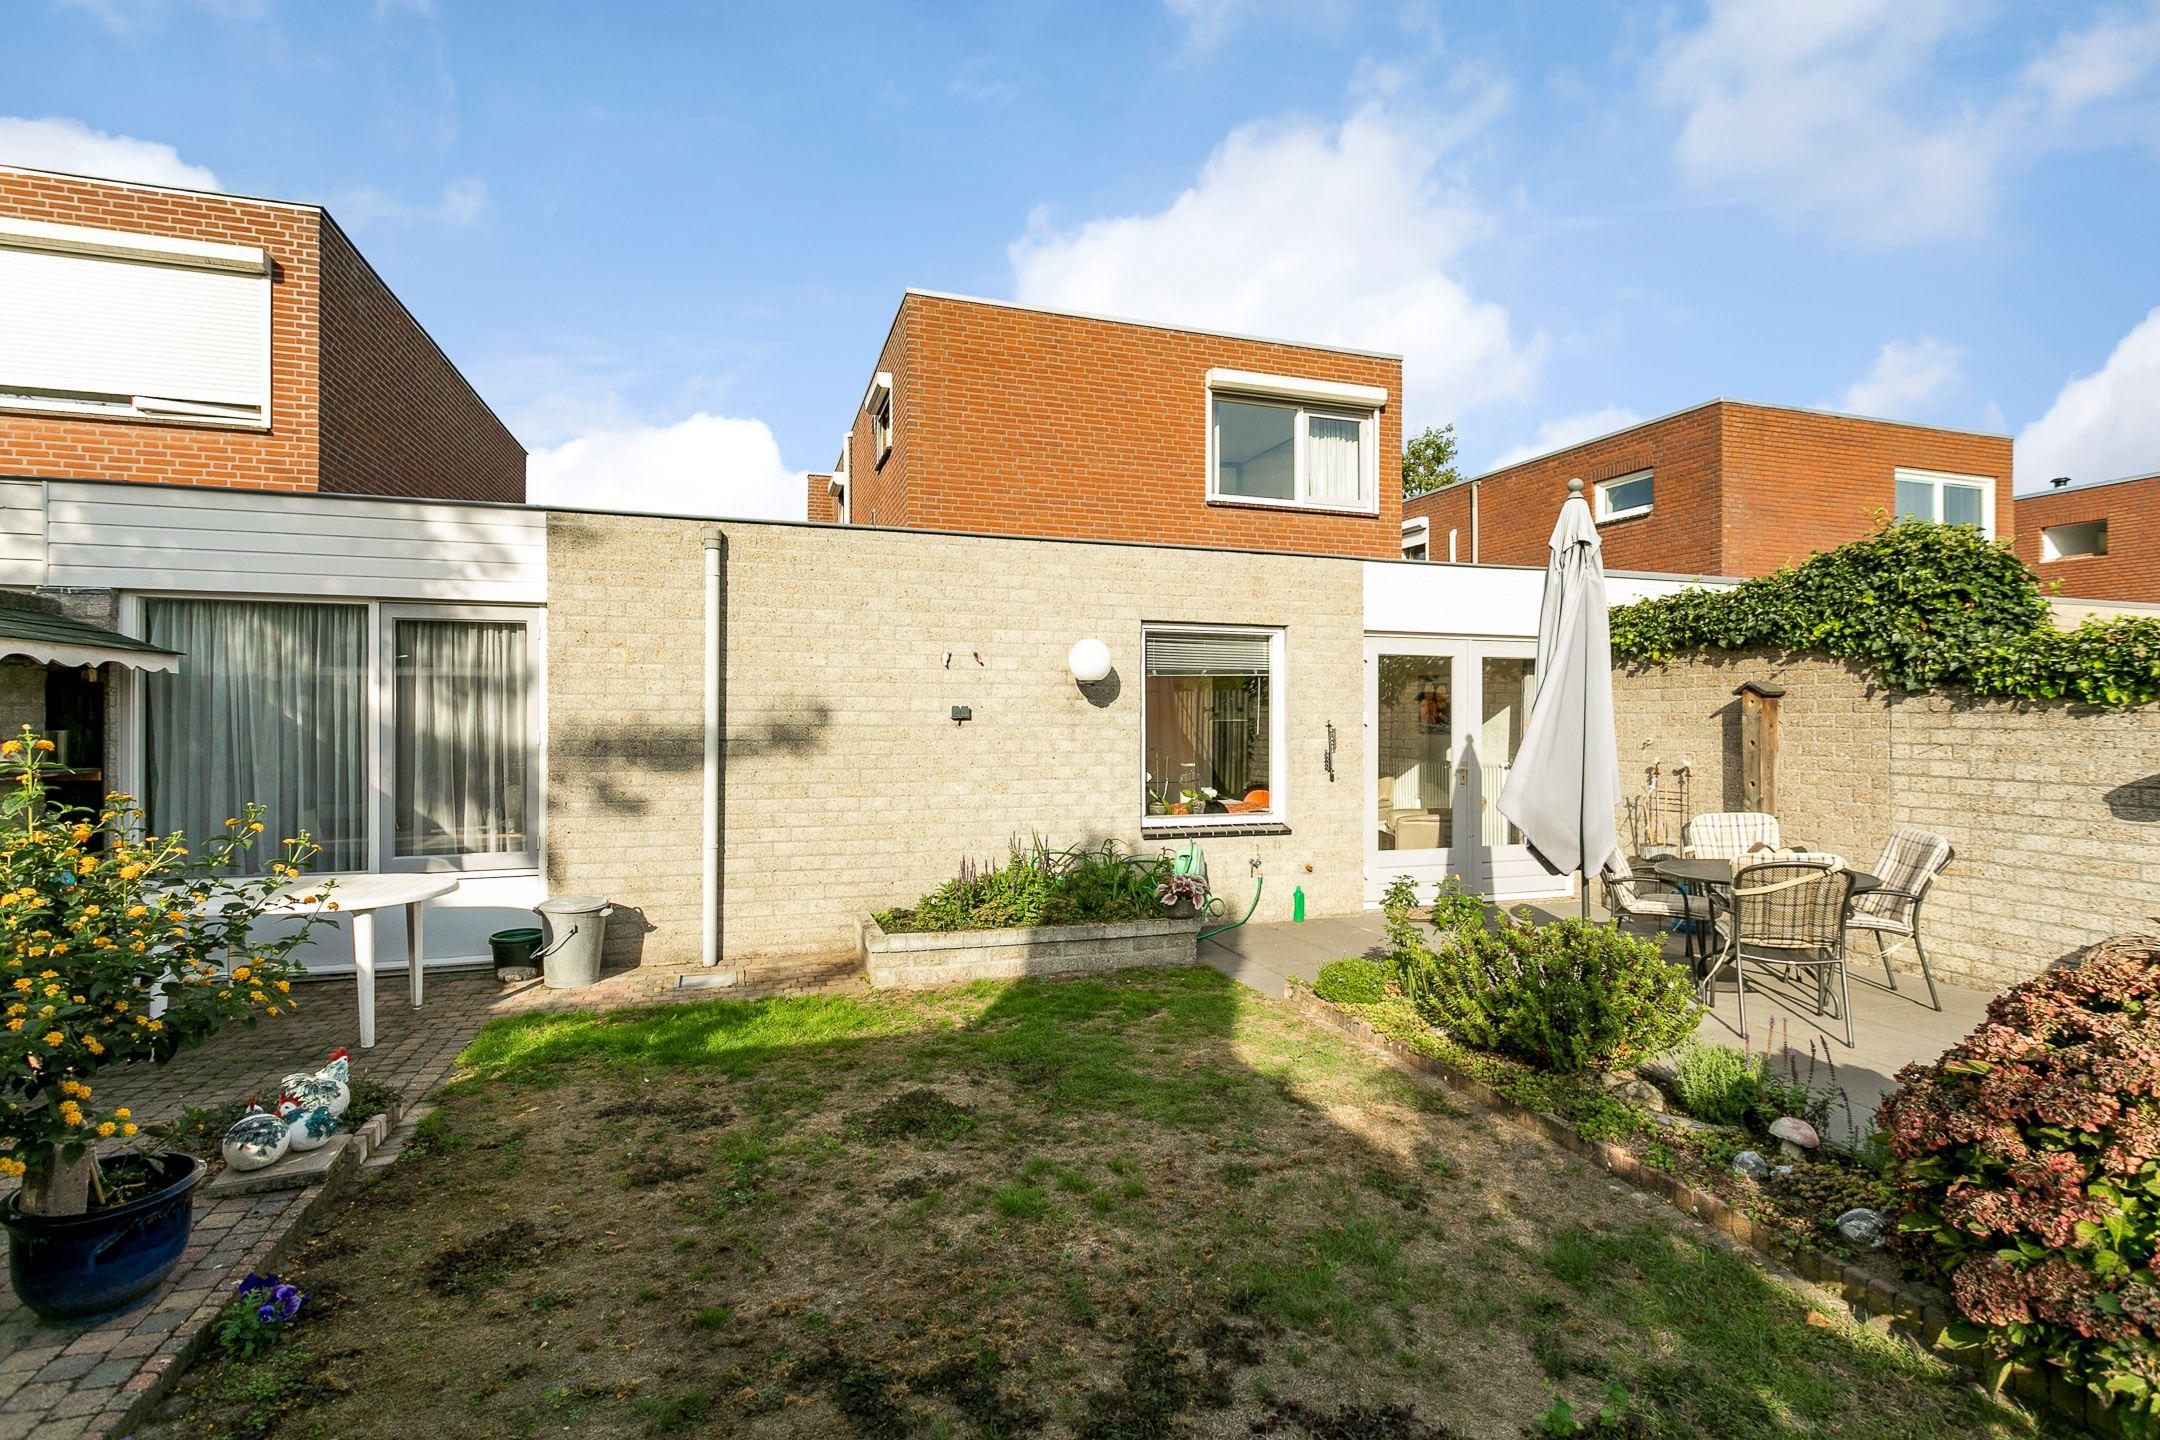 Verkocht het puyven 129 5672 rc nuenen funda for Huis en tuin nuenen